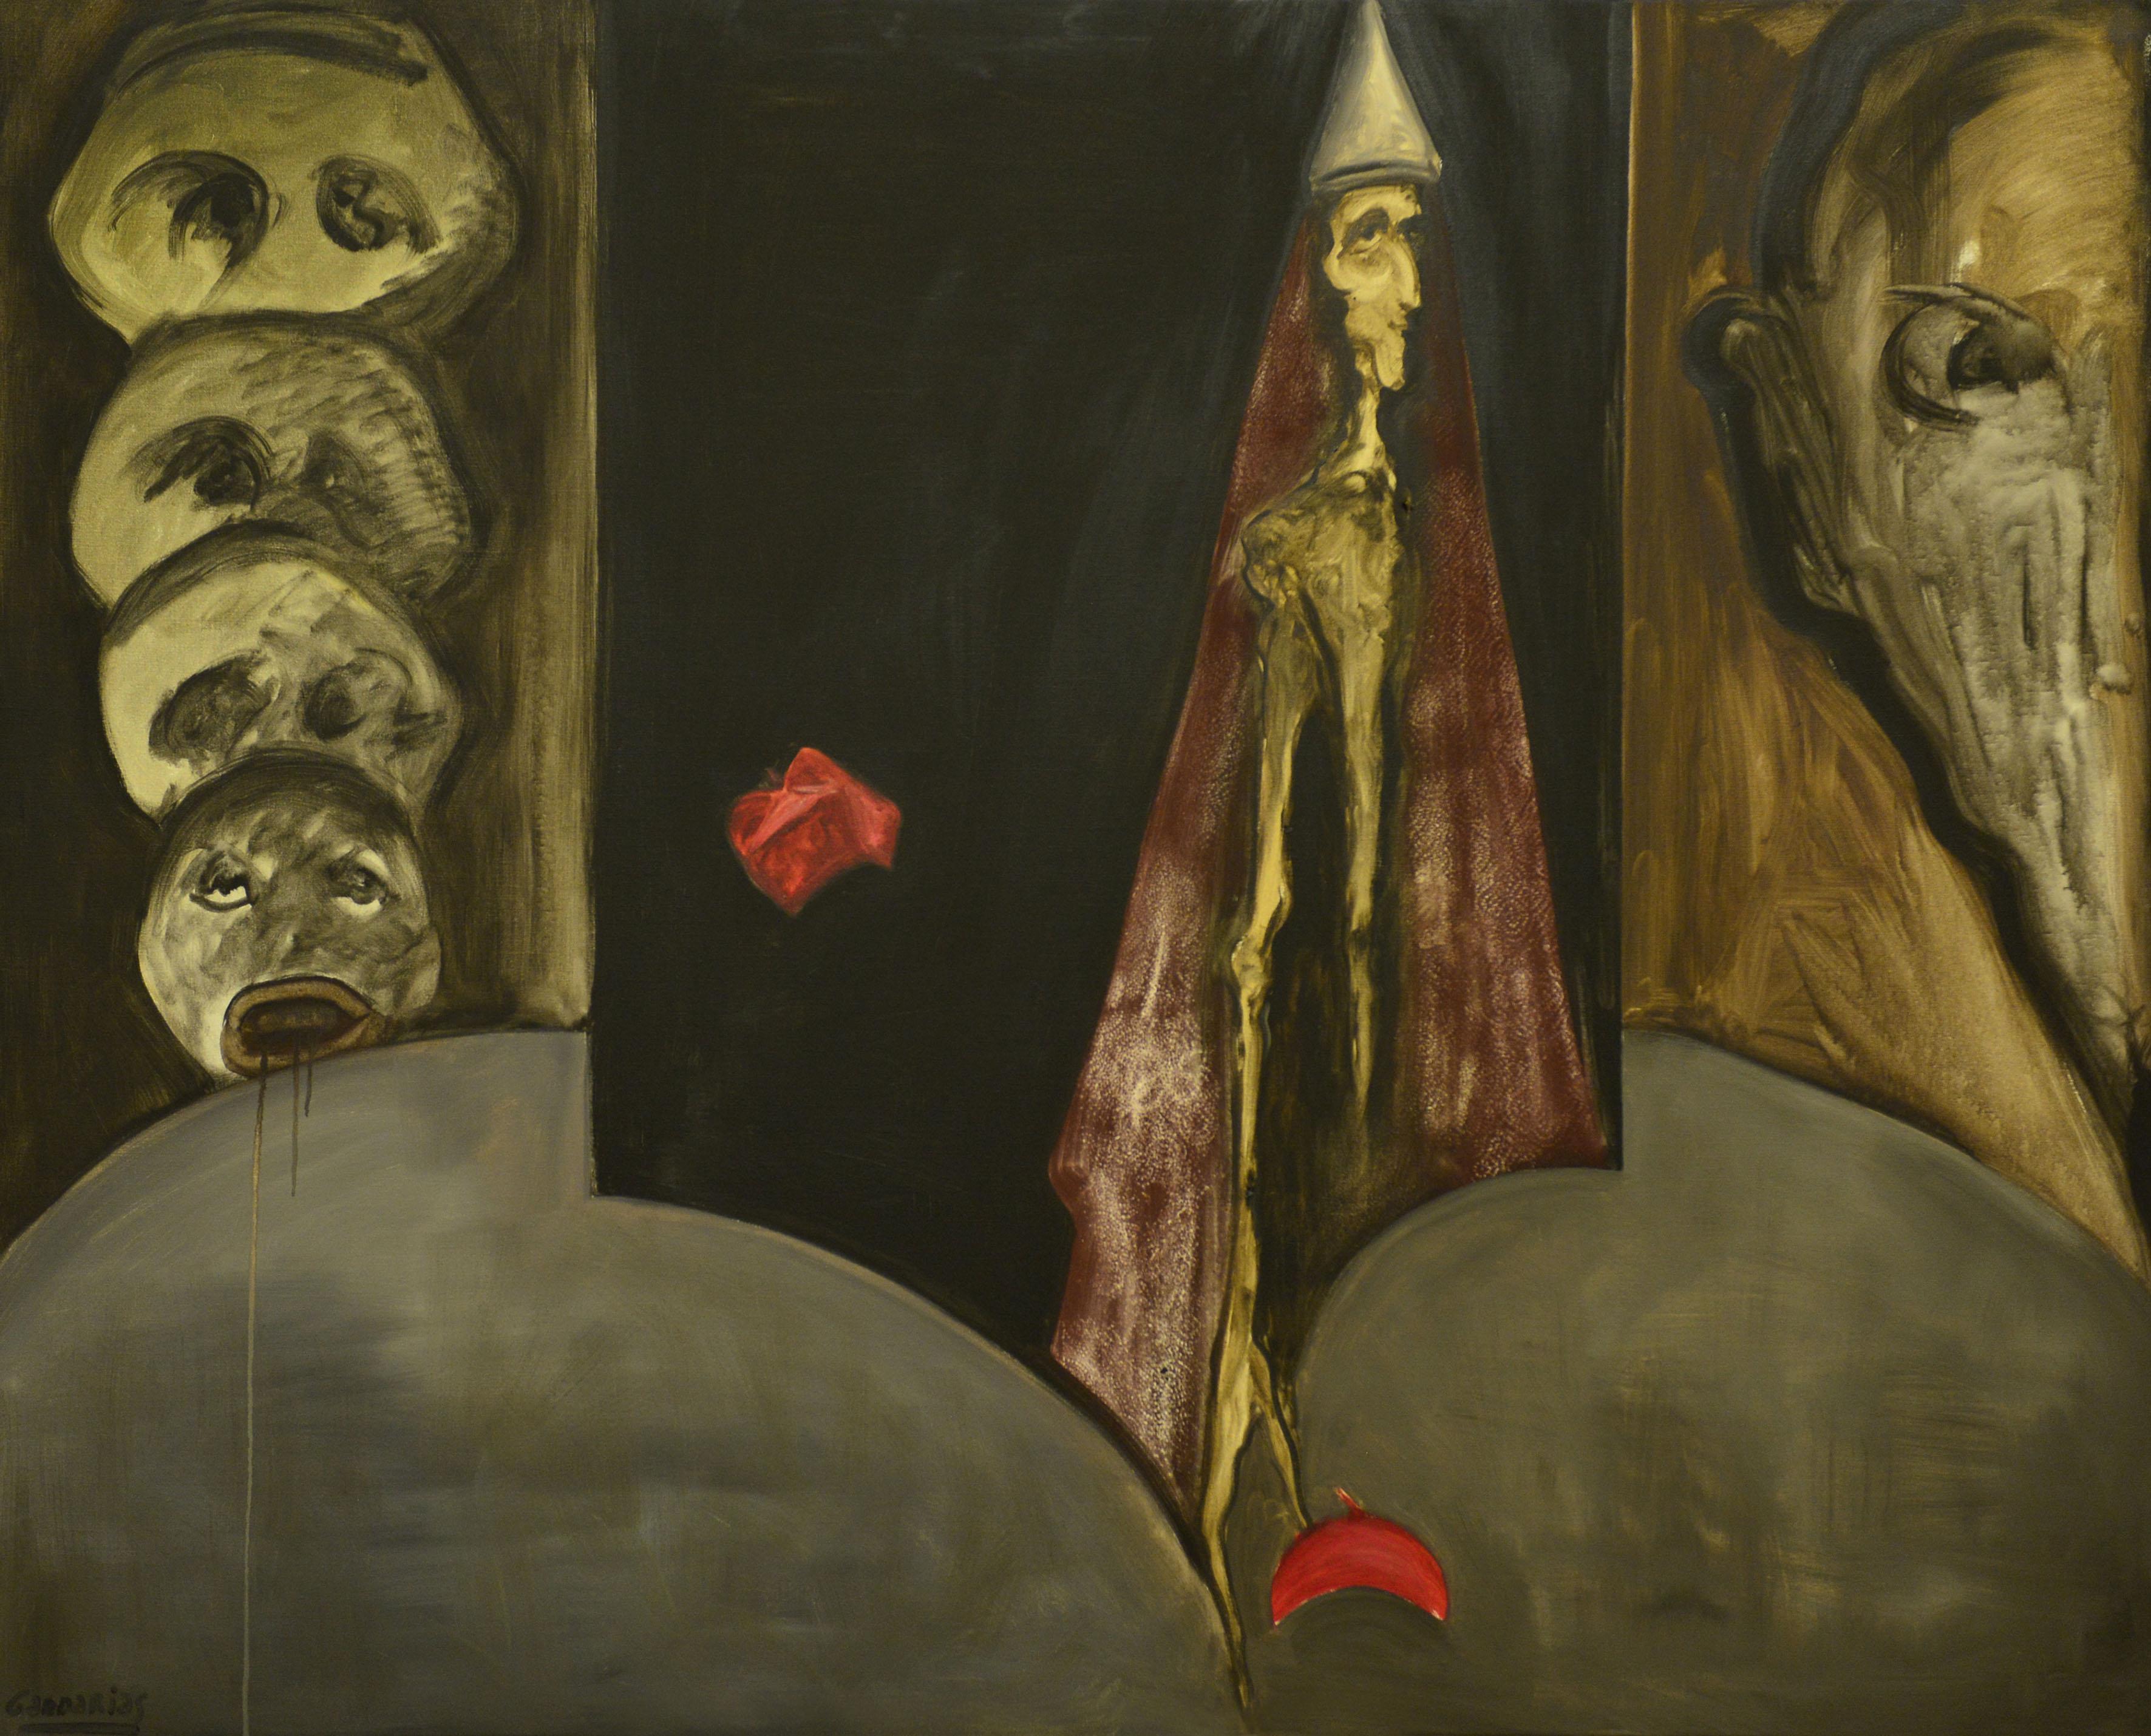 Obra de arte de la pintora española Sofía Gandarias, inspirada en el relato homónimo de Miguel de Cervantes